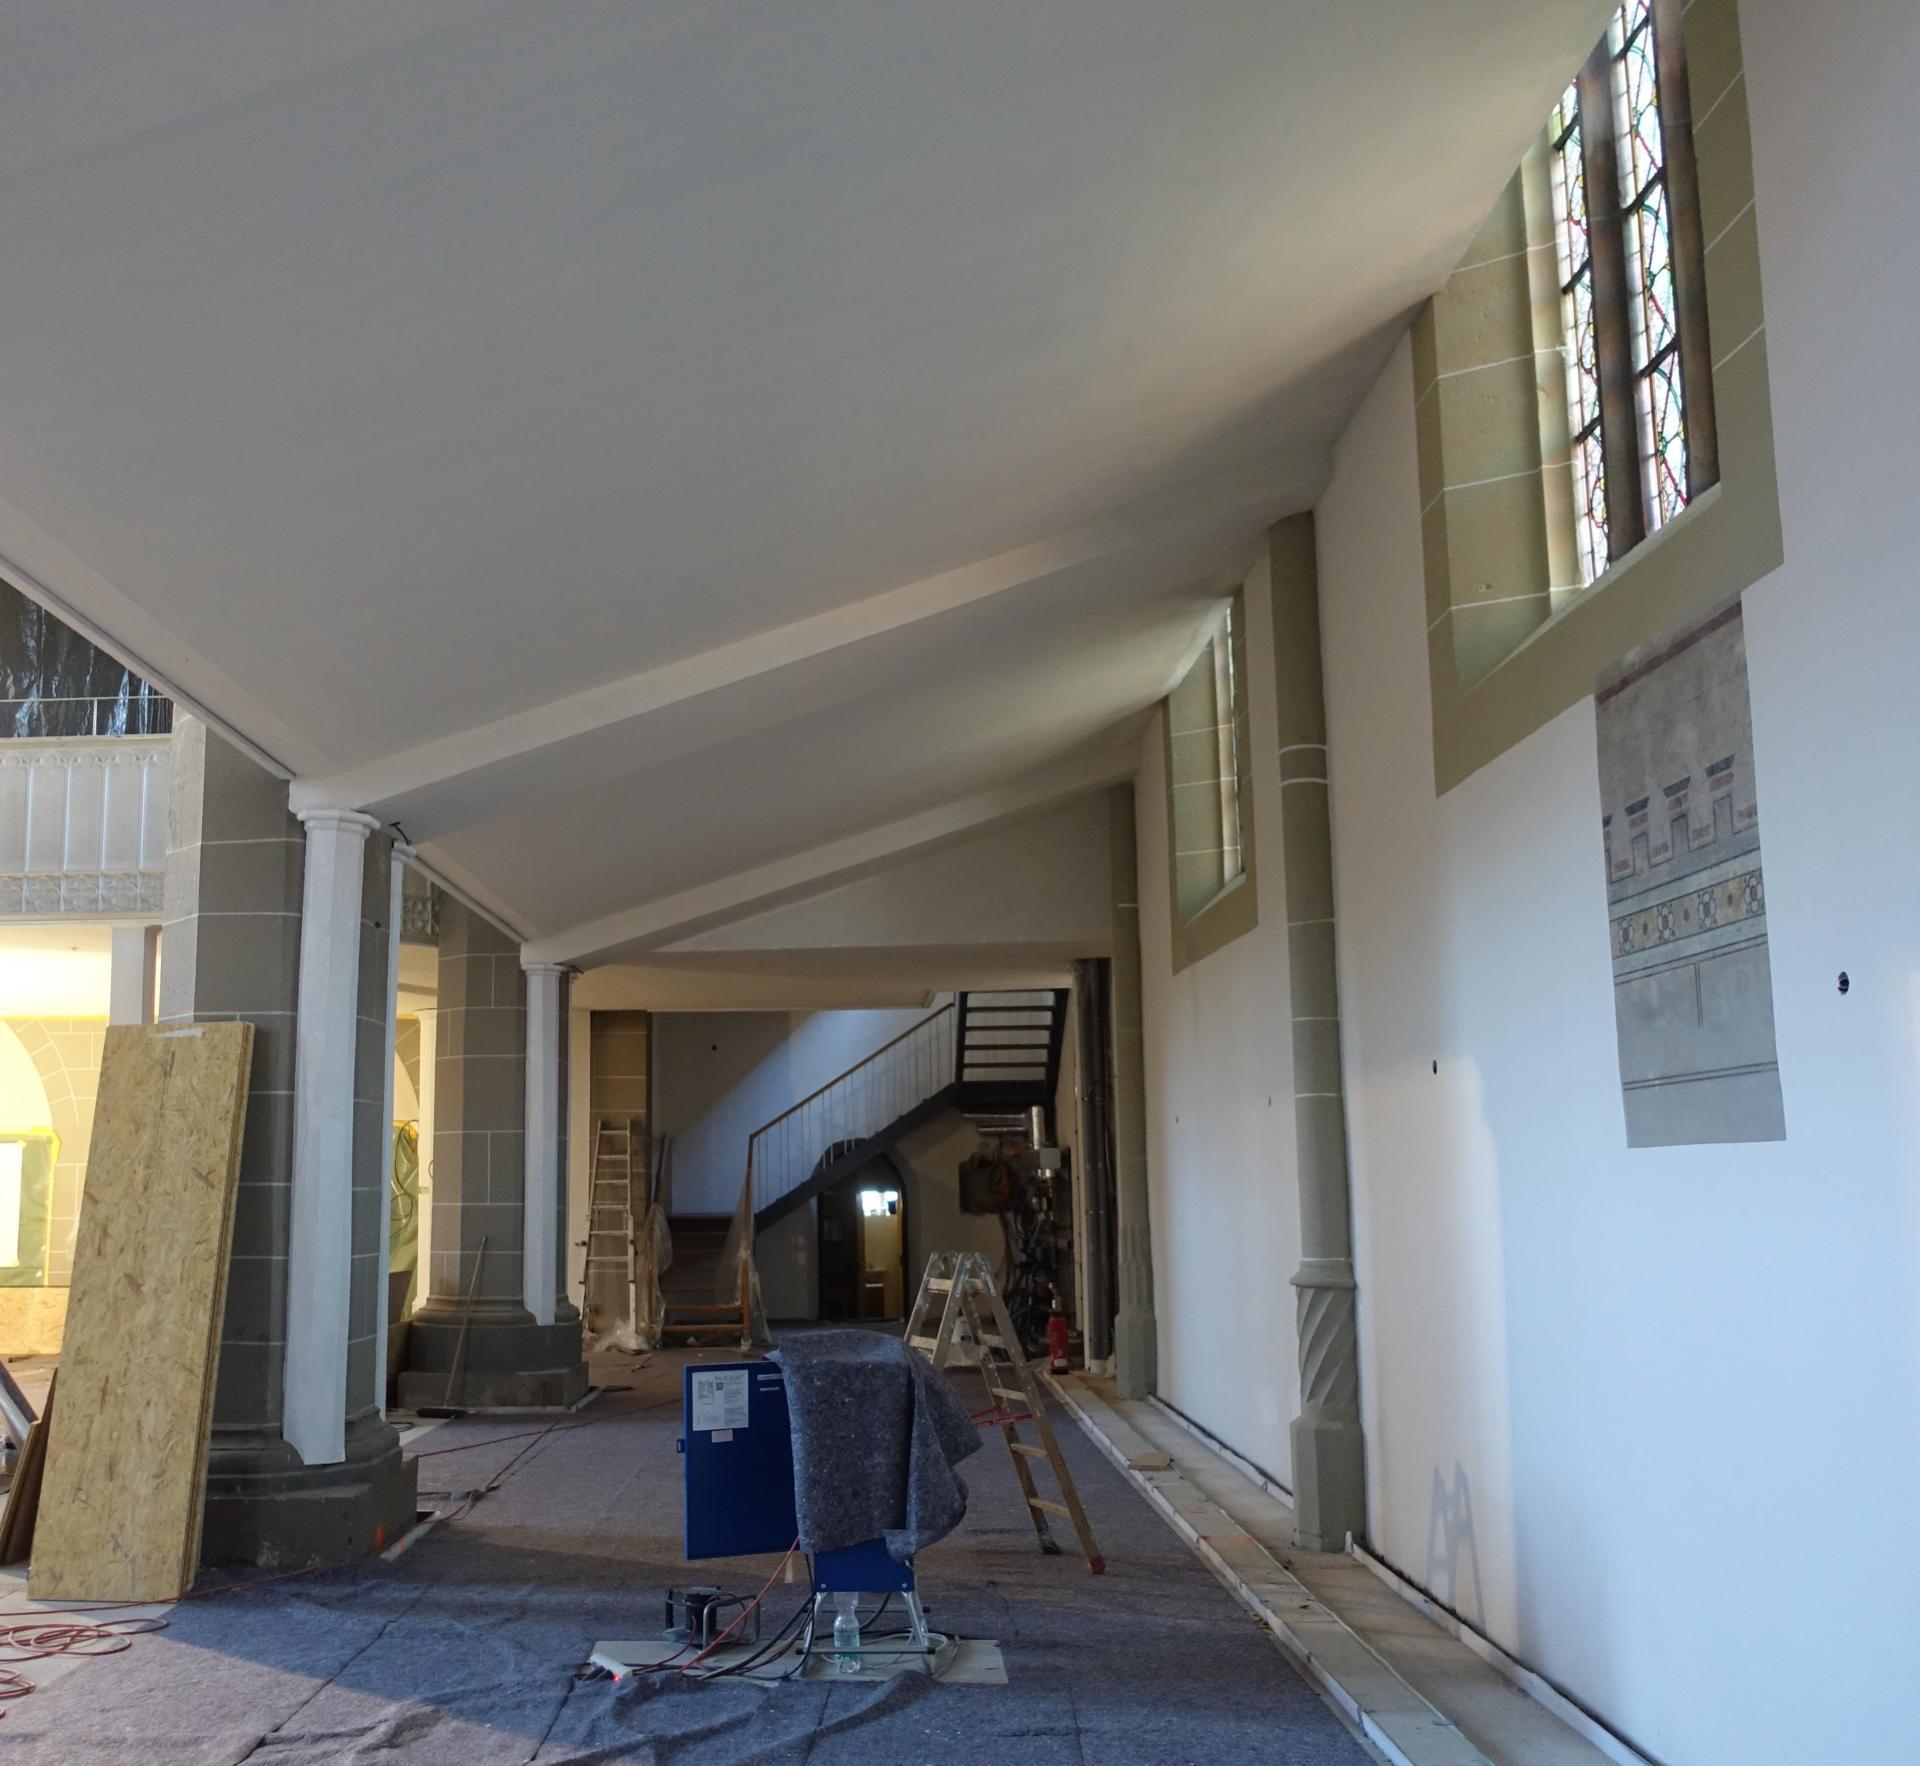 Unter der Seitenempore, mit Blick auch auf die Fenstergewände